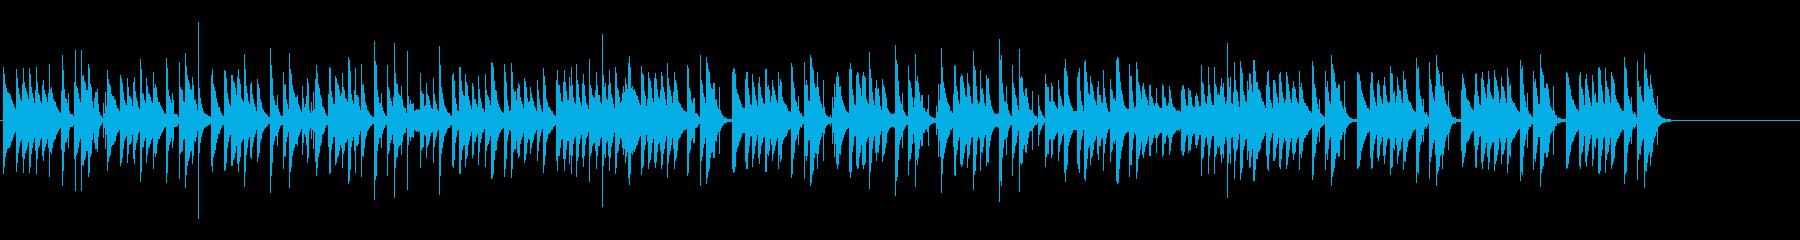 コミカルでわくわくするマリンバのBGMの再生済みの波形